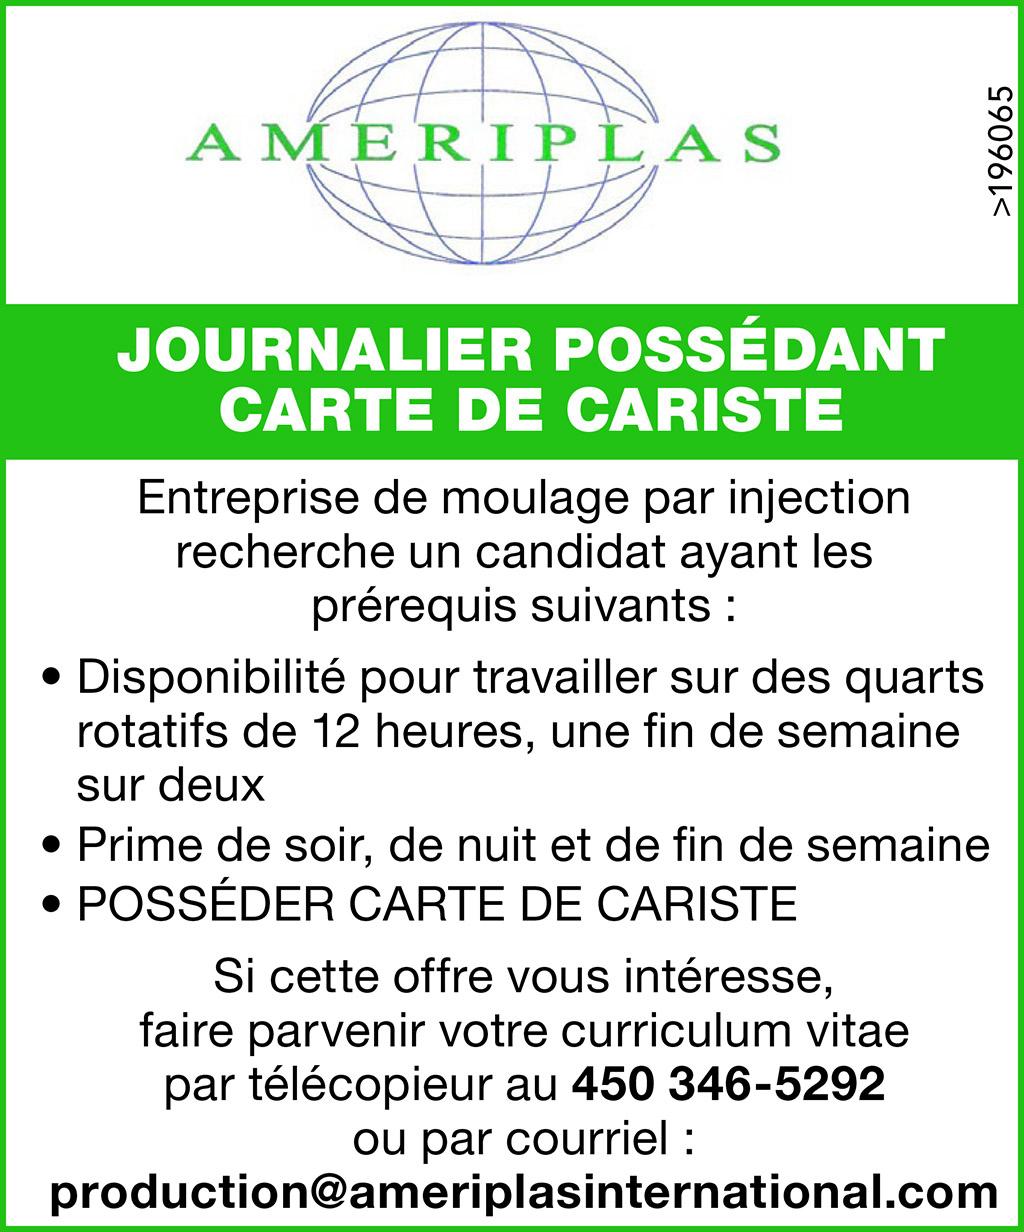 JOURNALIER POSSÉDANT CARTE DE CARISTE